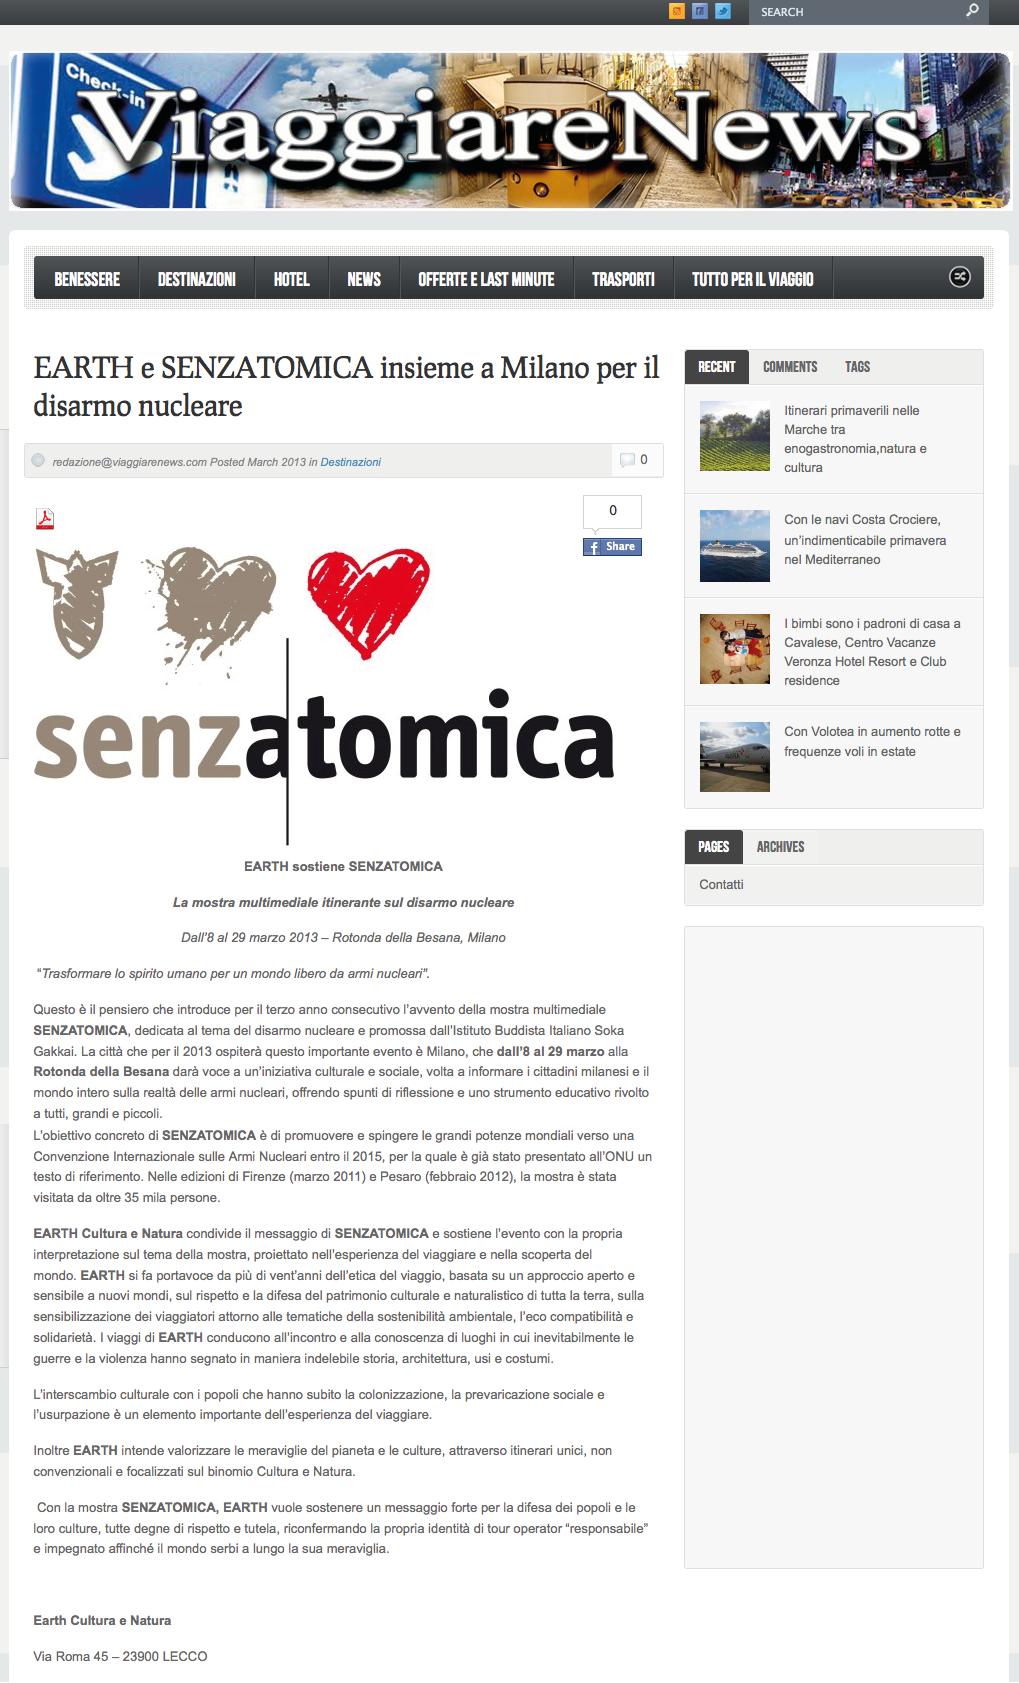 2013-03-07 Viaggiarenews.com